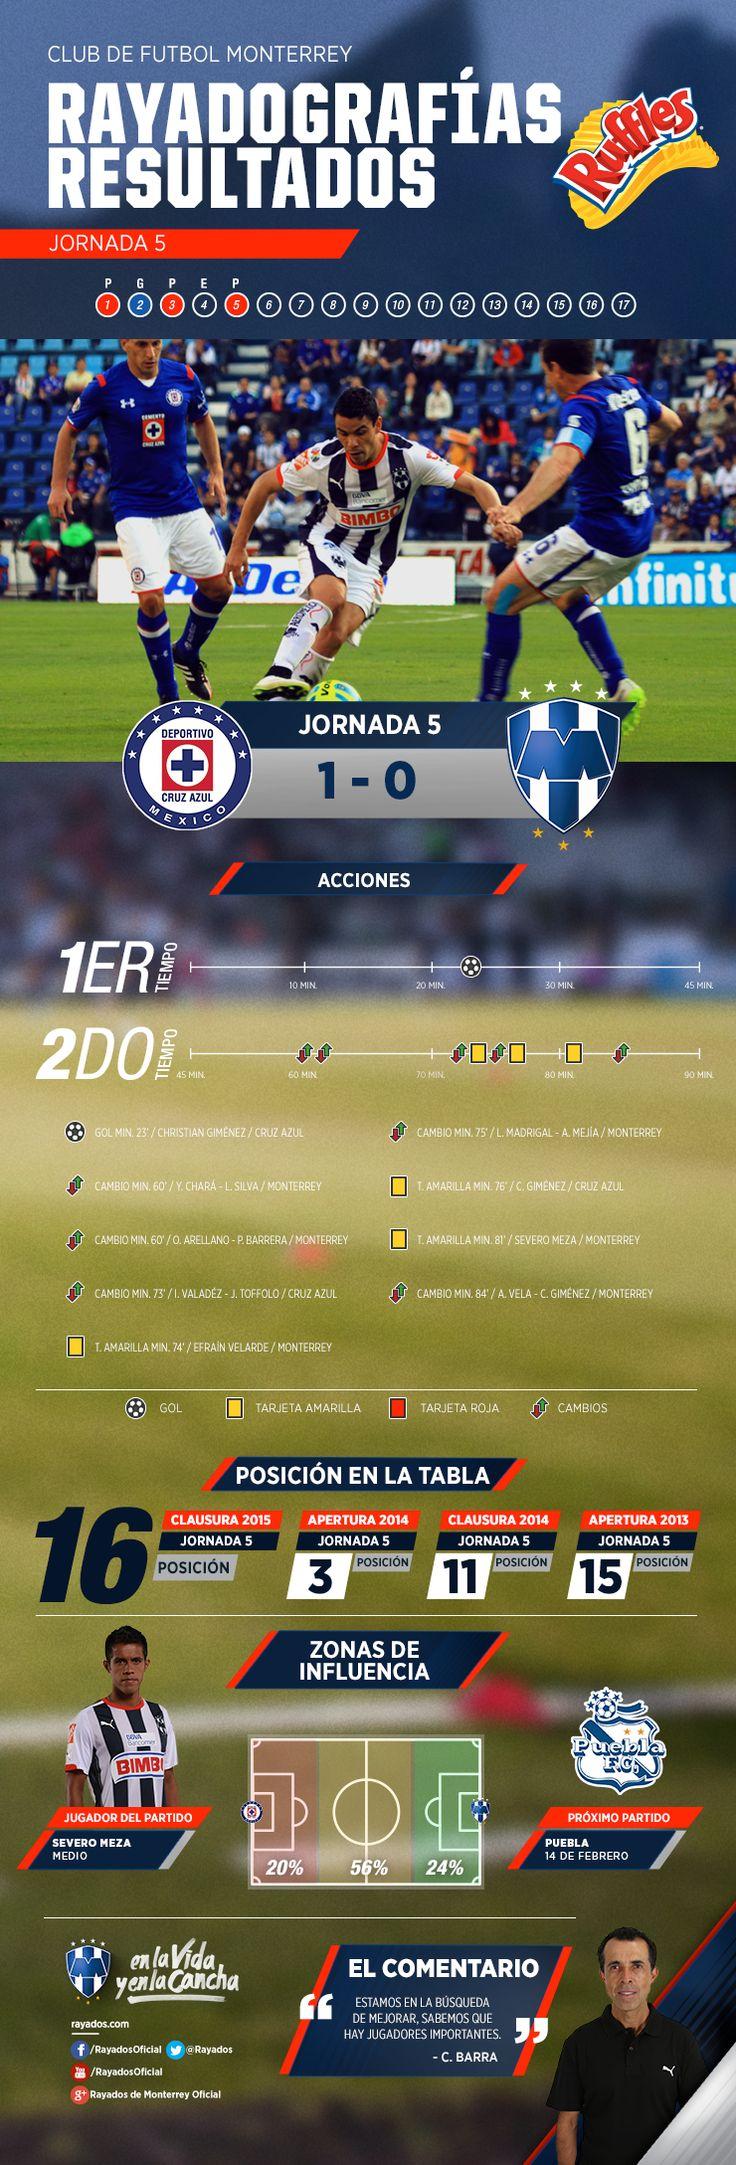 La #Rayadografía post partido Cruz Azul vs. Rayados es presentada por Ruffles MX.